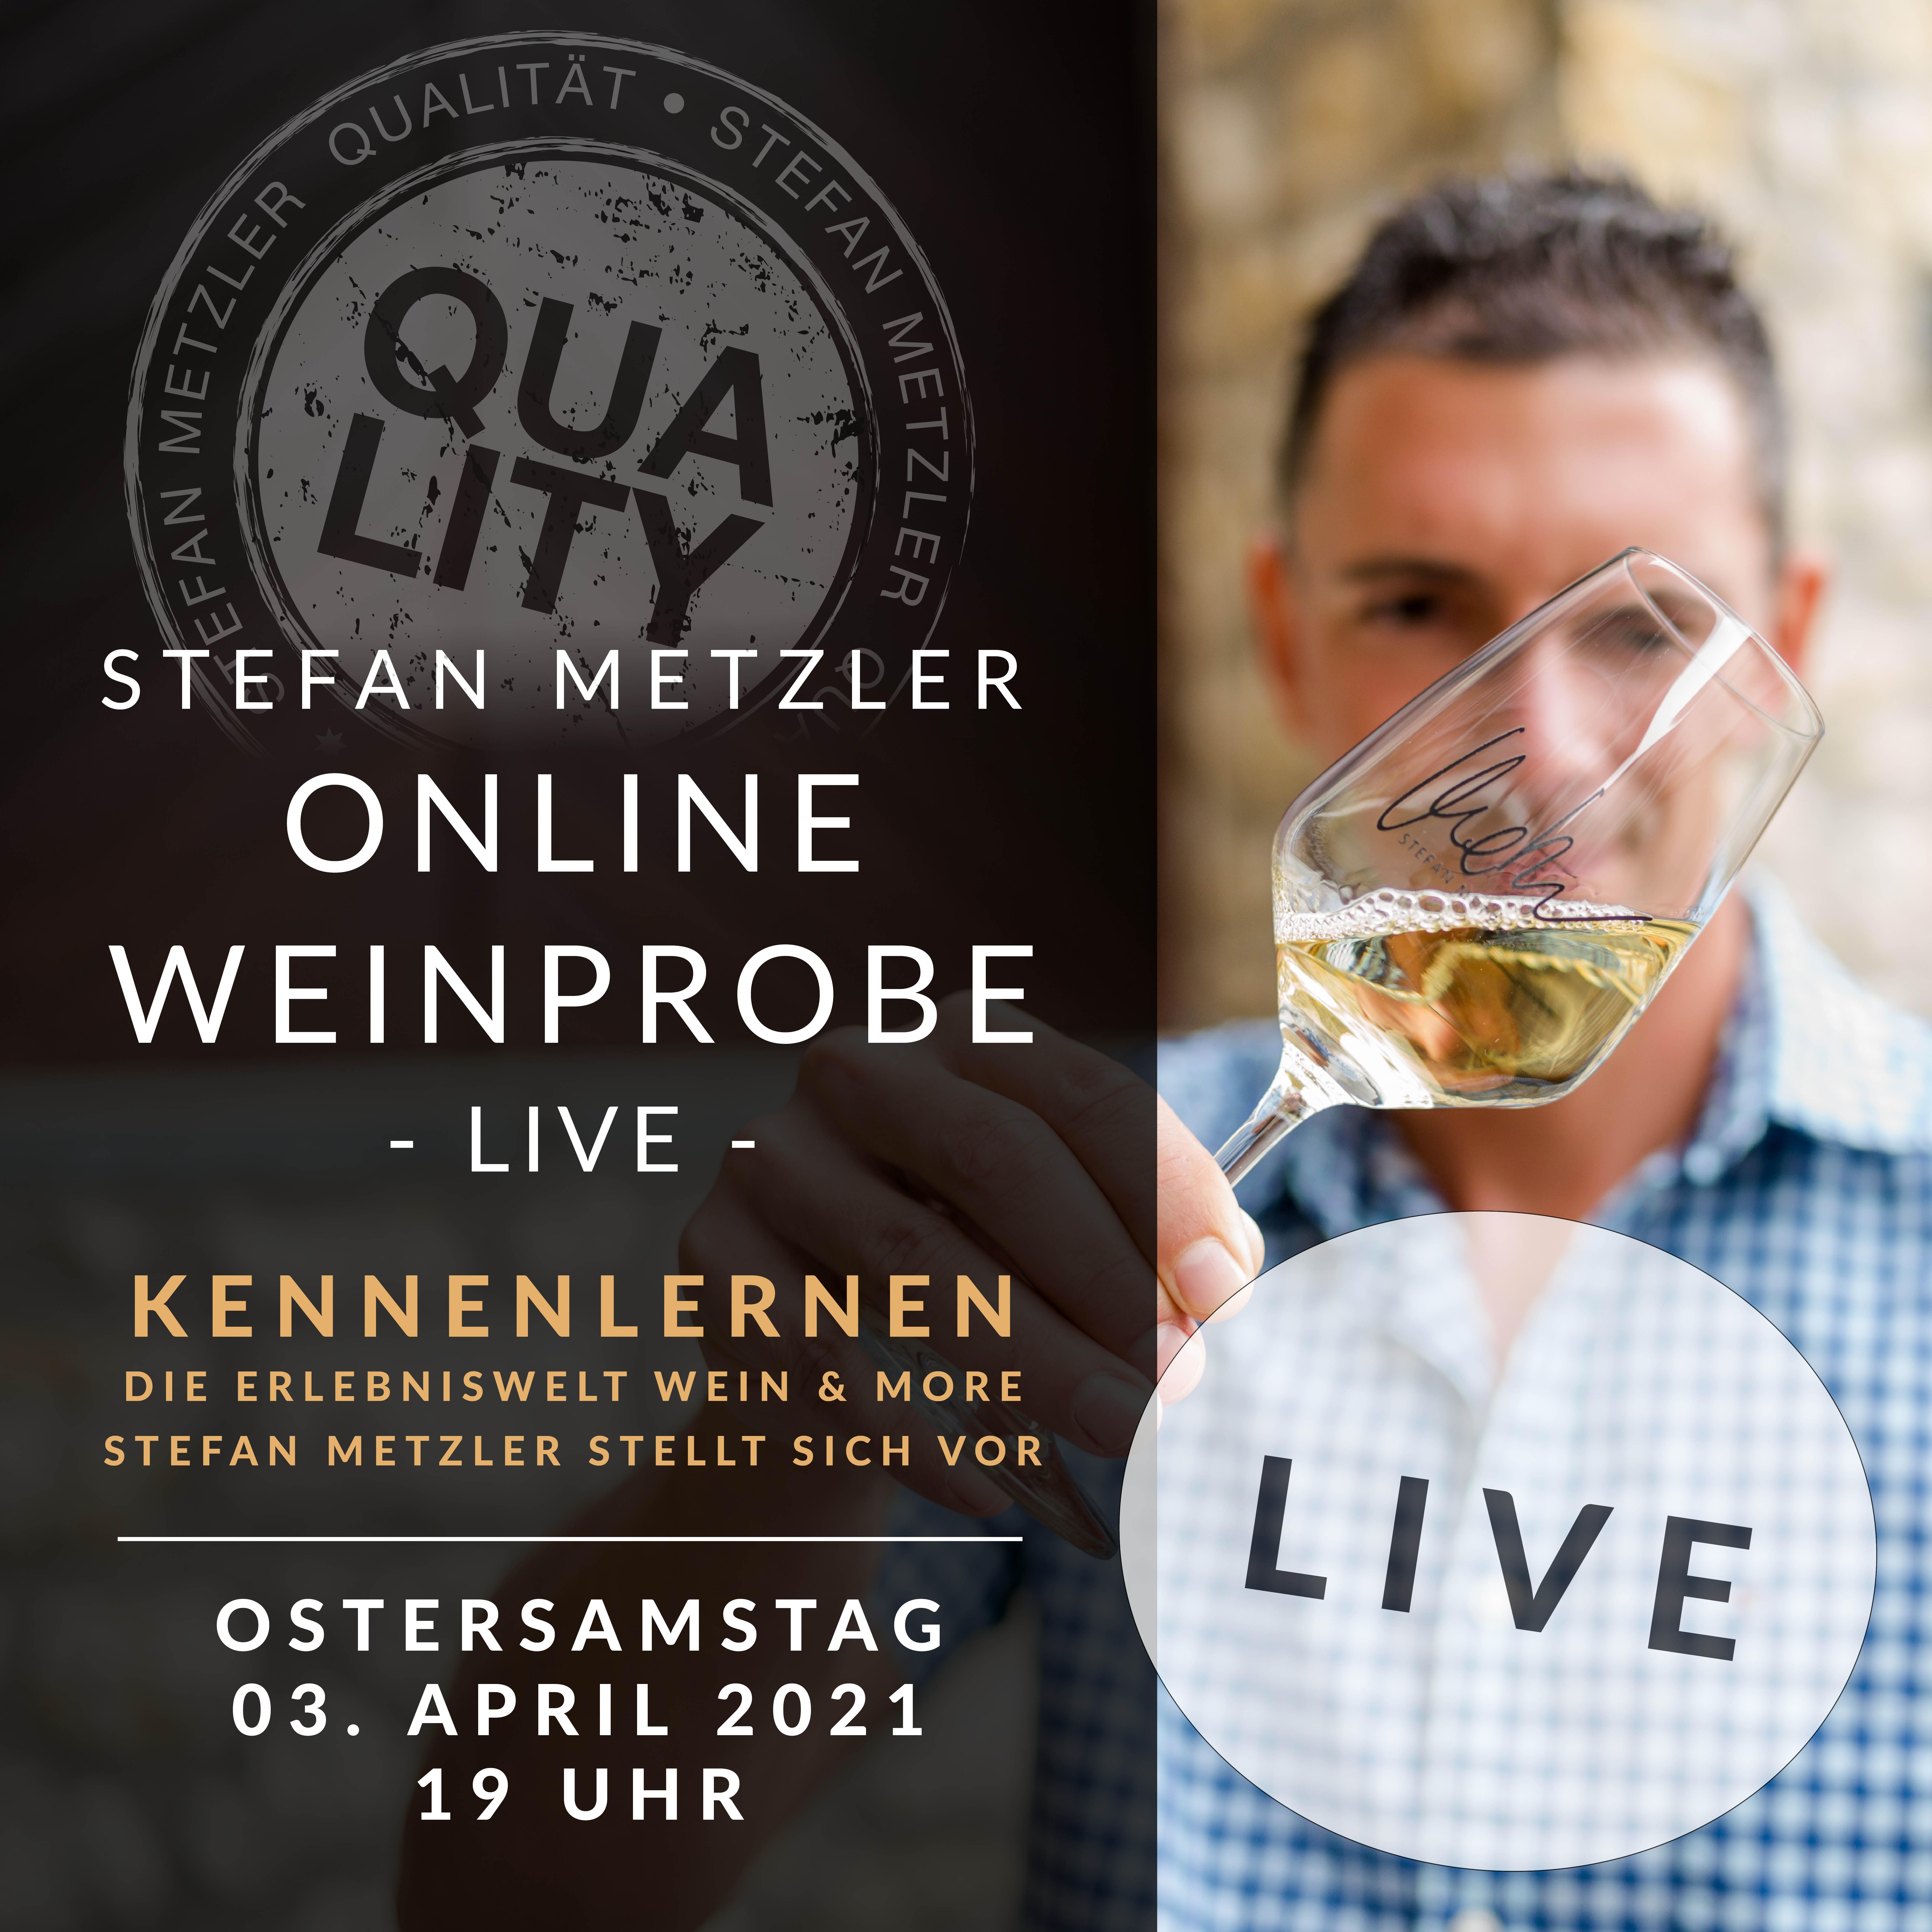 Onlineprobe 03.04.2021: Kennenlernen - Stefan Metzler stellt sich vor!